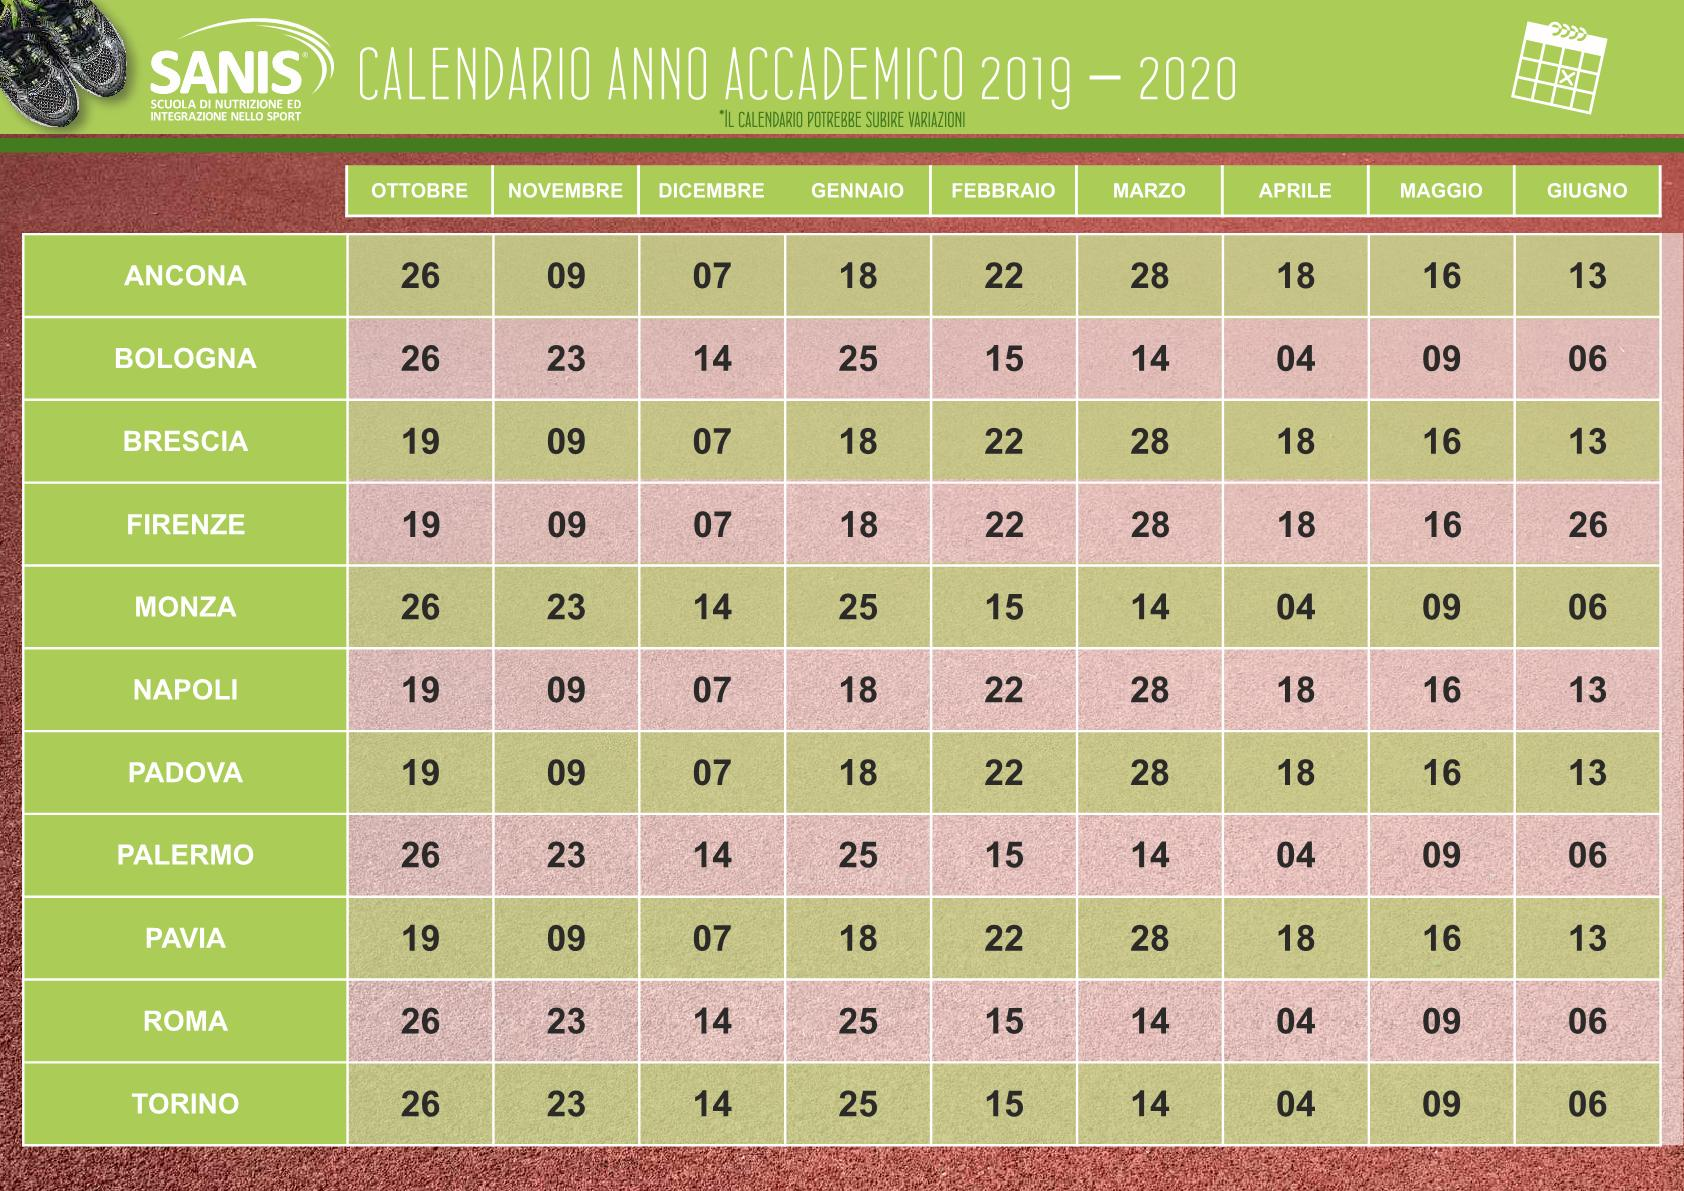 Calendario Accademico 2020.Calendario Scuola Nutrizione Sportiva Sanis